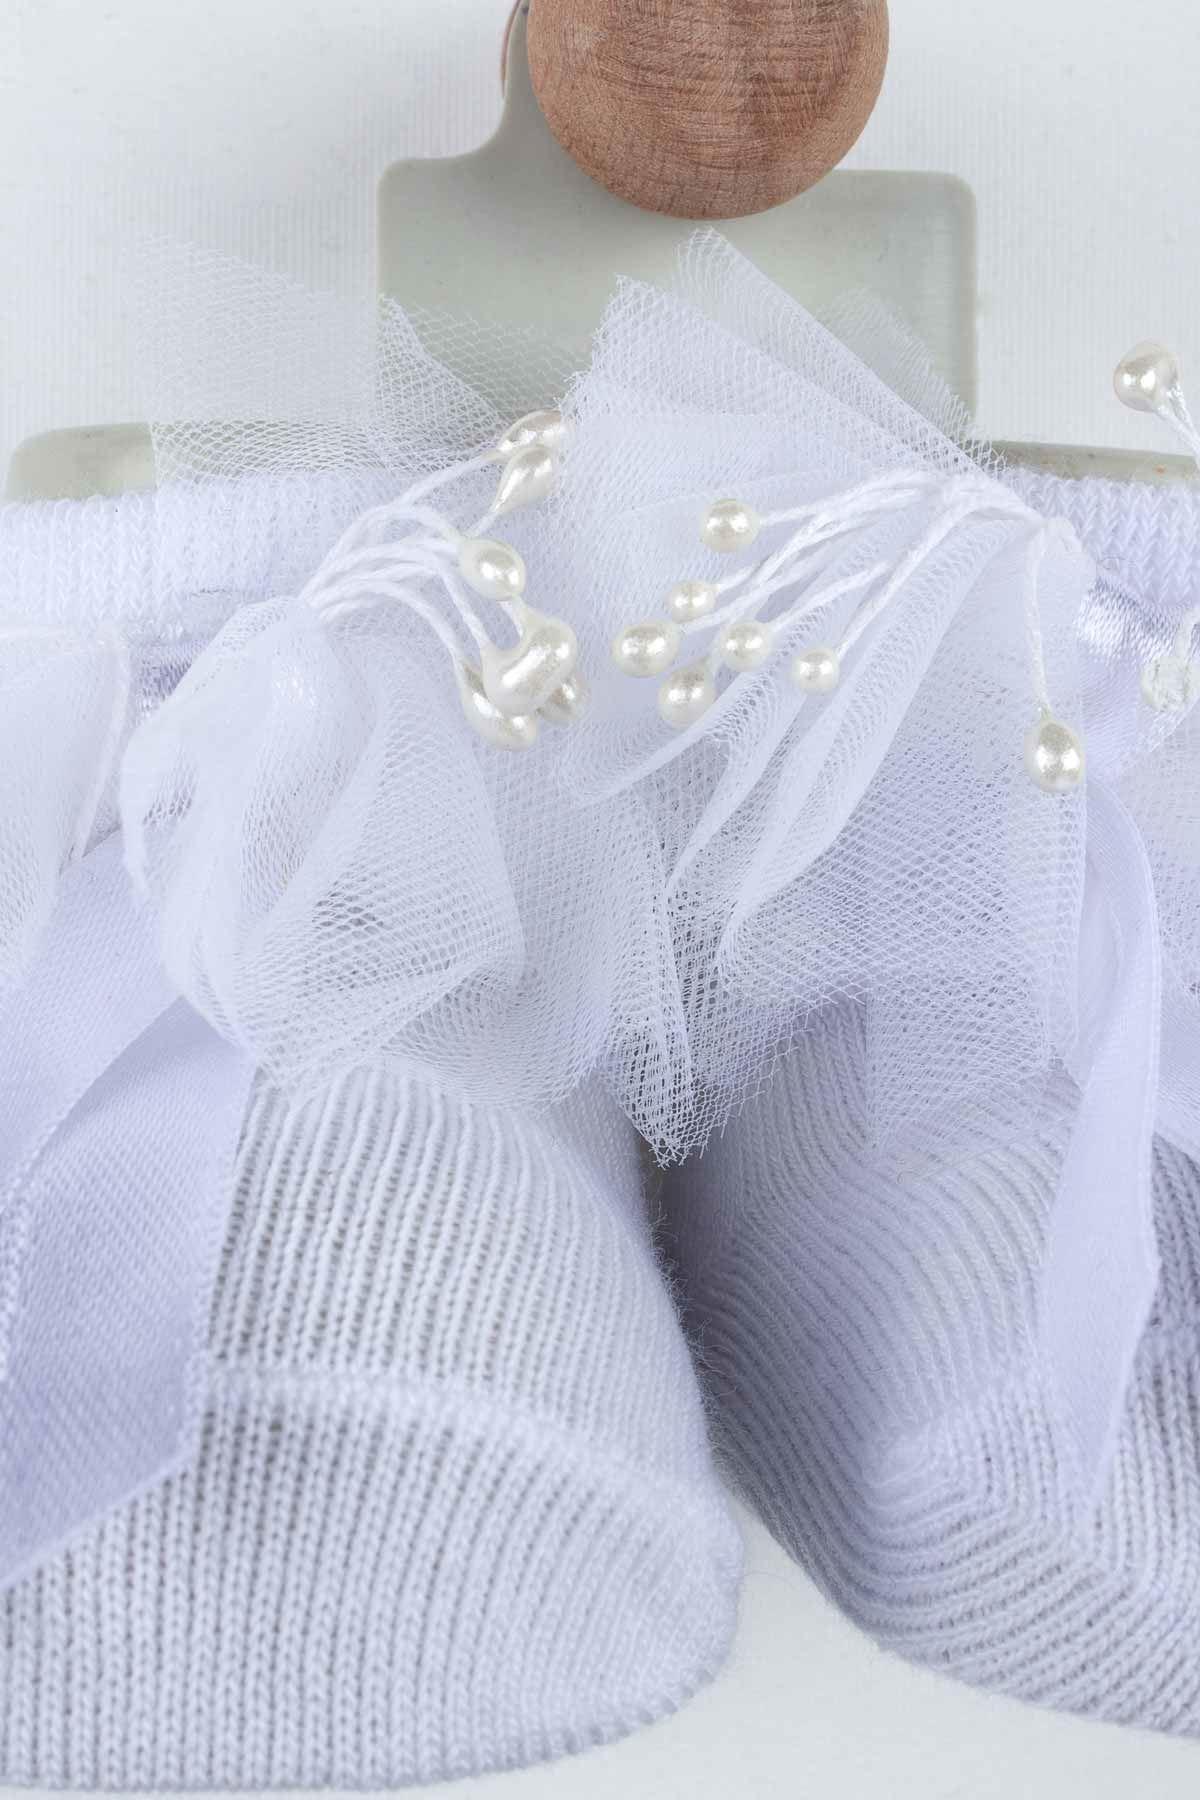 Beyaz Püsküllü Kız Bebek Çorap